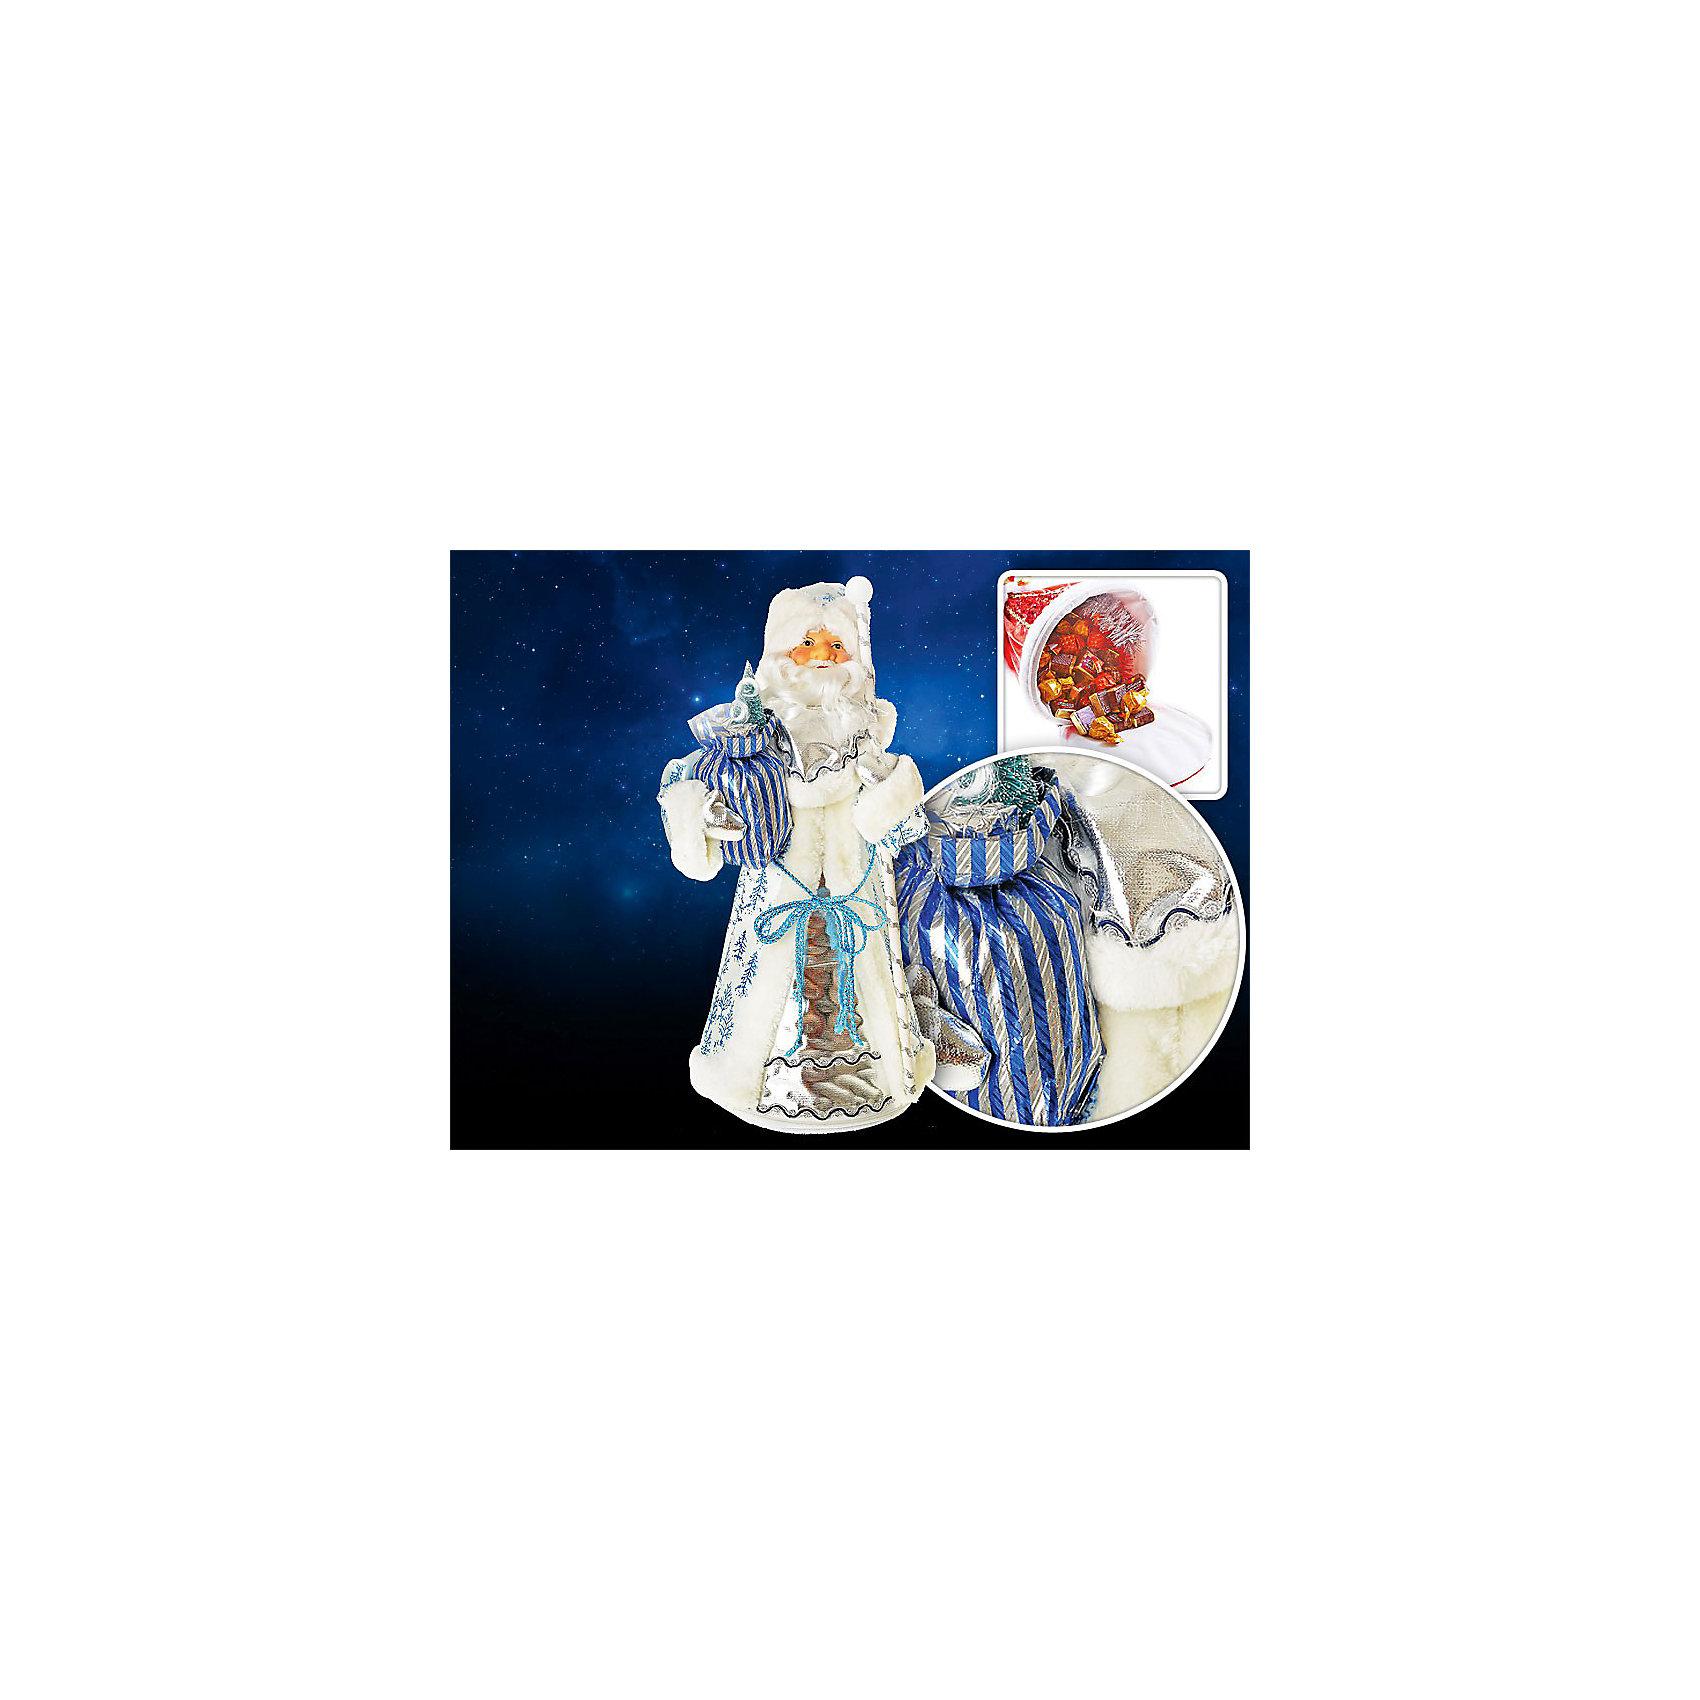 Декоративная кукла Дед Мороз, TUKZARВсё для праздника<br>Декоративная кукла Дед Мороз, Tukzar (Тукзар) станет замечательным украшением Вашего новогоднего интерьера и приятным сувениром для родных и друзей. Дед Мороз одет в нарядную белую шубу с голубыми узорами, в руках мешок с подарками. Лицо фигурки керамическое, основание на молнии, поэтому внутри ее можно наполнить конфетами и сладостями. Поставленный под елку Дед Мороз порадует и взрослых и детей и поможет создать волшебную атмосферу новогодних праздников.<br>Конфеты в комплект не входят.<br><br>Дополнительная информация:<br><br>- Размер фигурки: 21 х 55 см.<br>- Размер упаковки: 21 х 21 х 55 см.<br>- Вес: 0,650 кг. <br><br>Декоративную куклу Дед Мороз, Tukzar (Тукзар) можно купить в нашем интернет-магазине.<br><br>Ширина мм: 210<br>Глубина мм: 210<br>Высота мм: 550<br>Вес г: 650<br>Возраст от месяцев: 36<br>Возраст до месяцев: 168<br>Пол: Унисекс<br>Возраст: Детский<br>SKU: 3875845